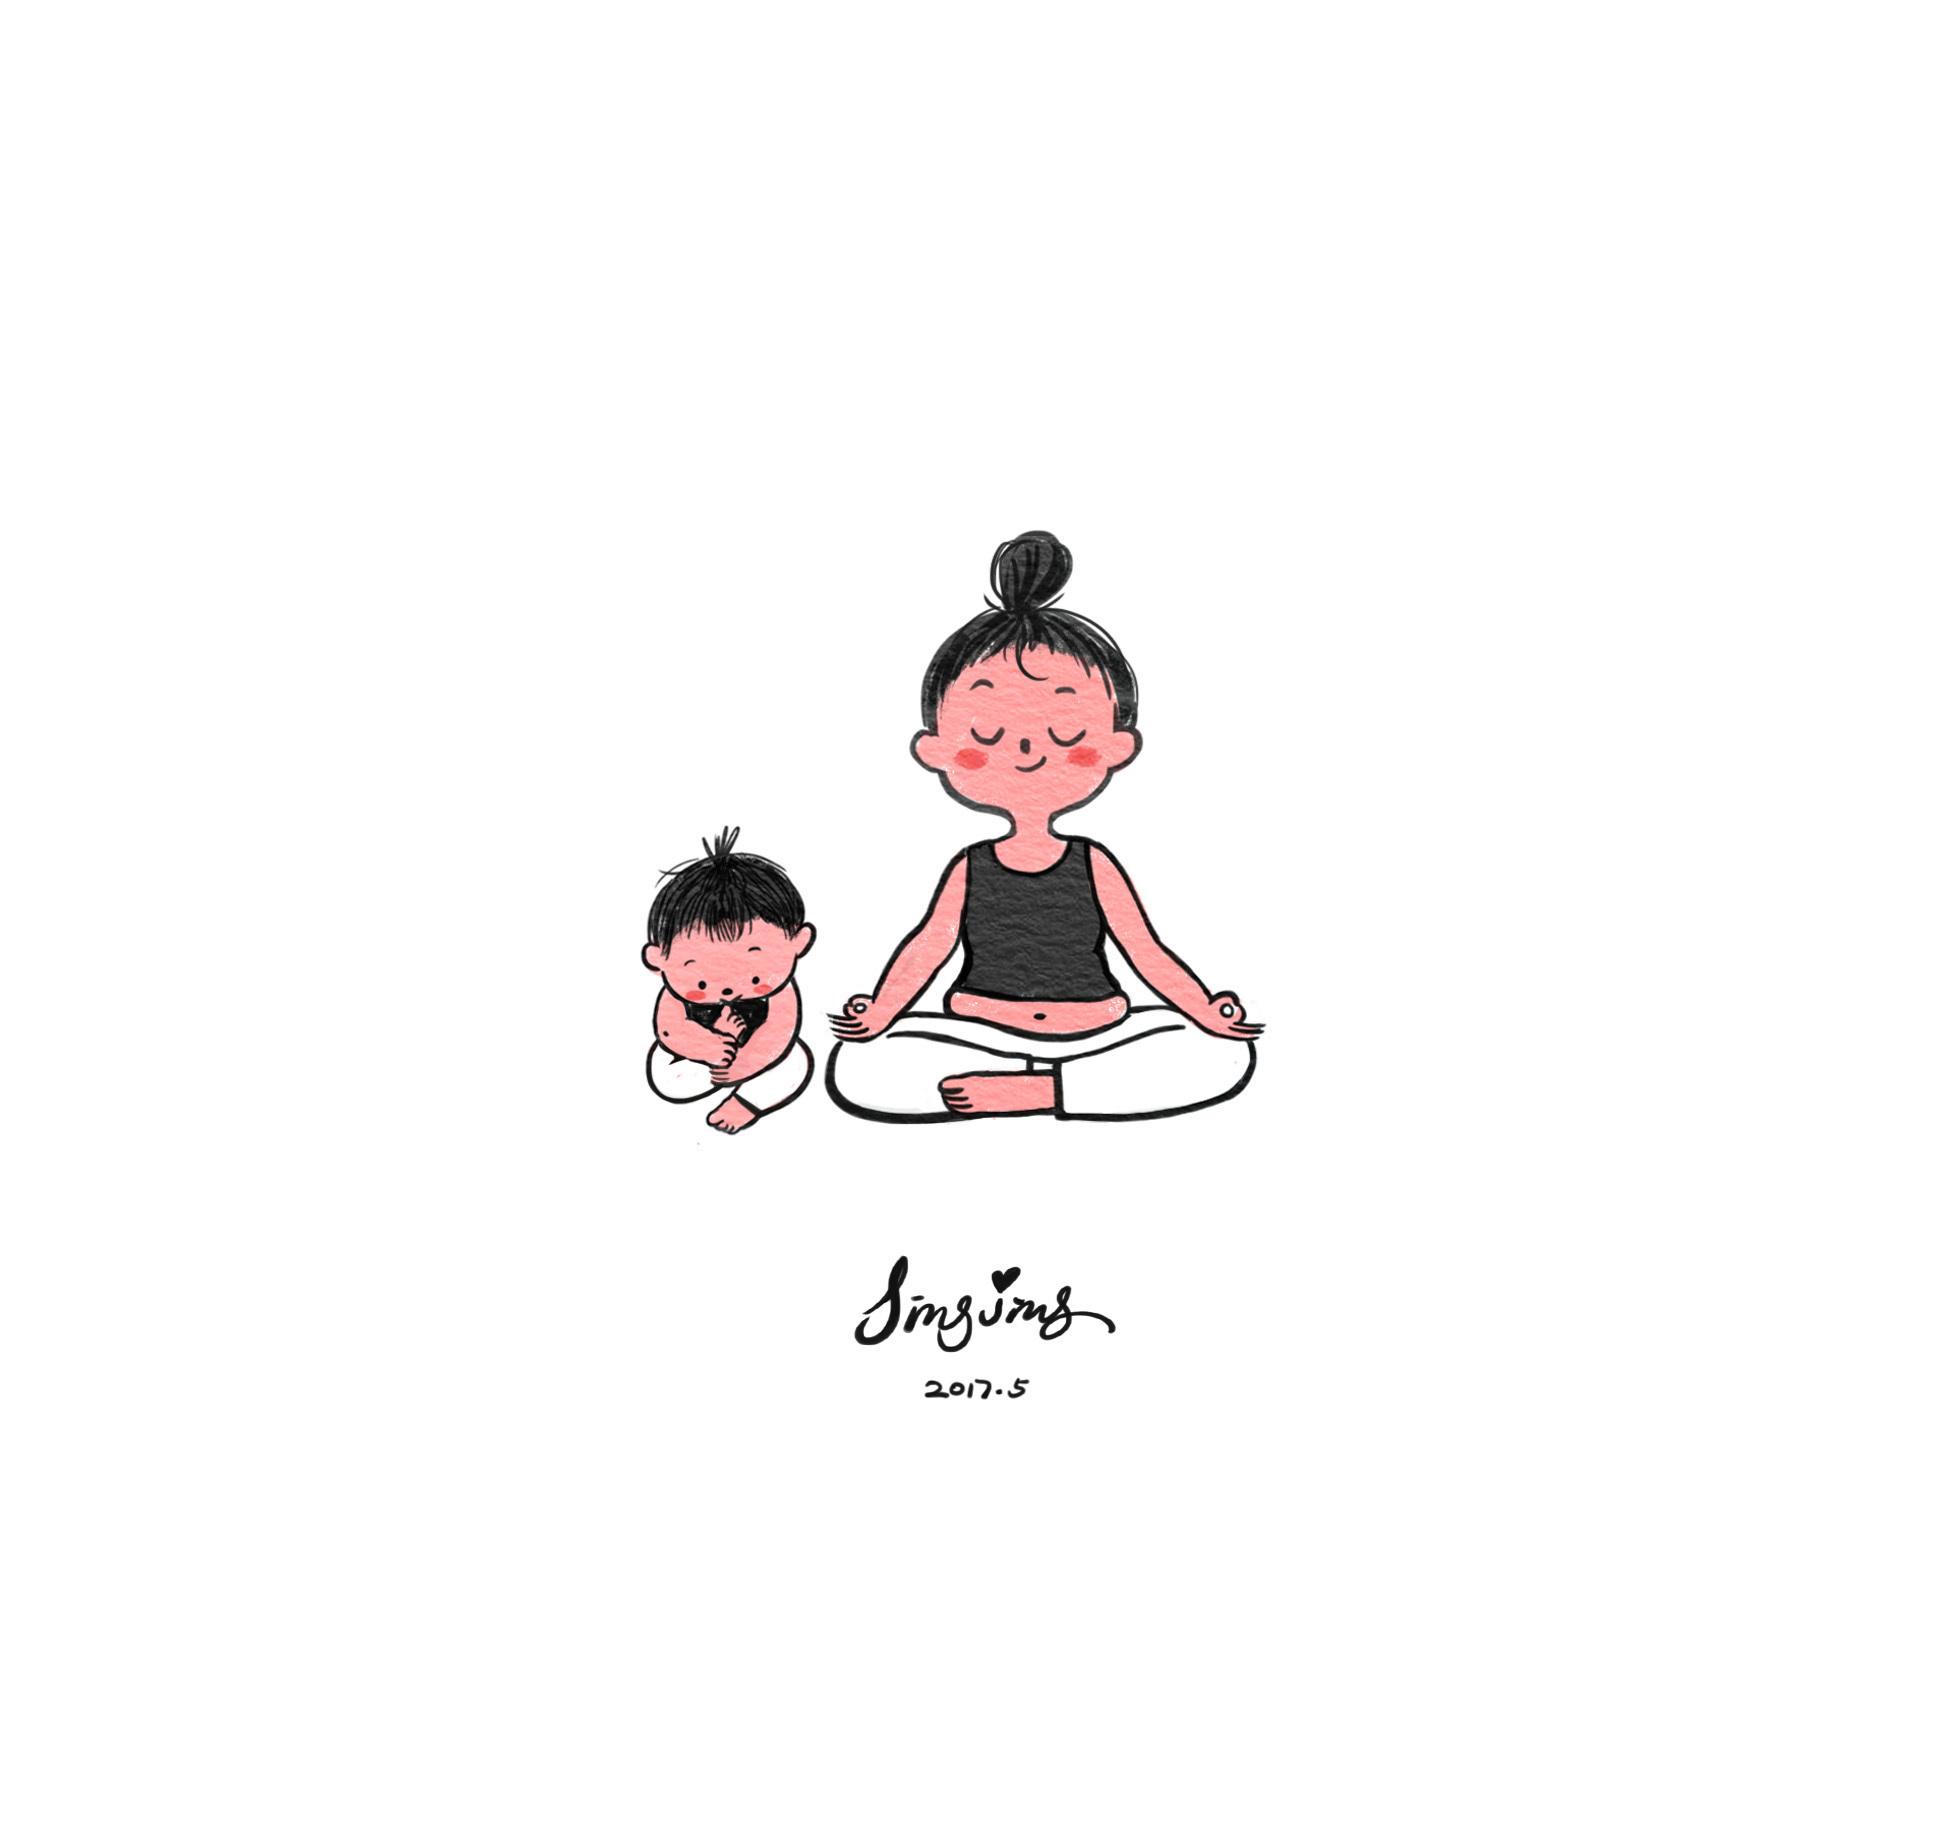 瑜伽手绘卡通头像